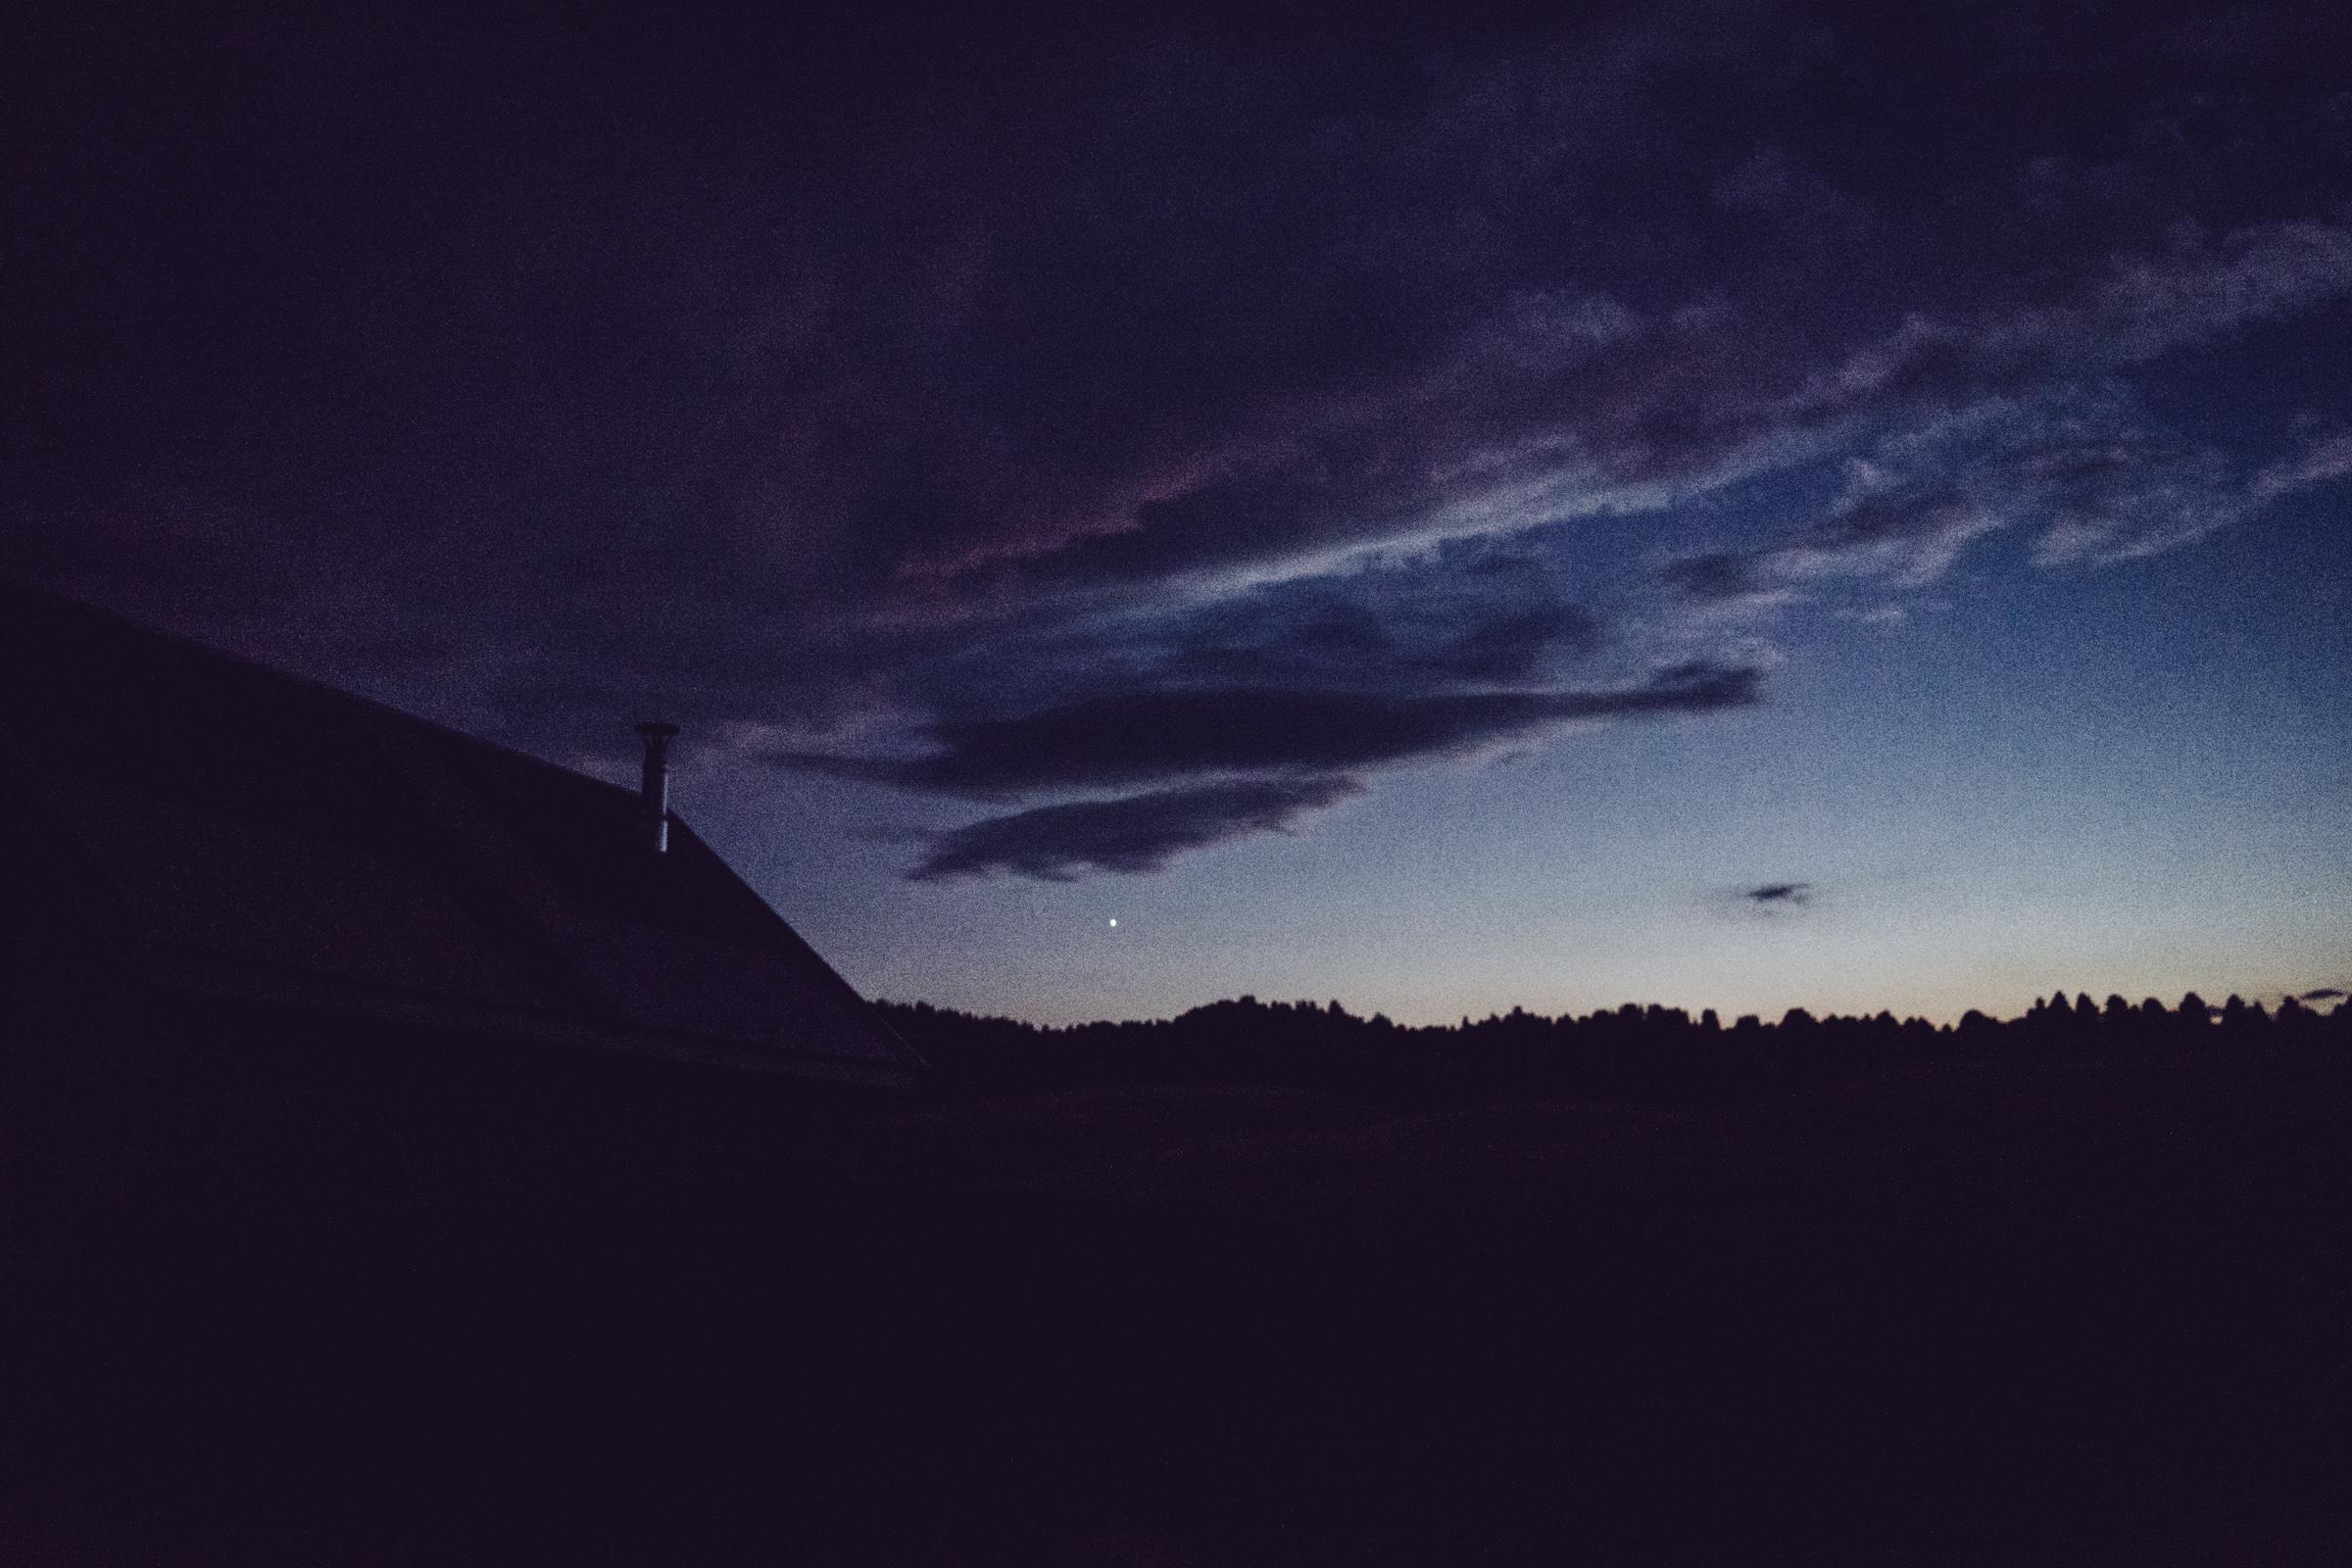 Le ciel la nuit - Etoile - Planète Venus